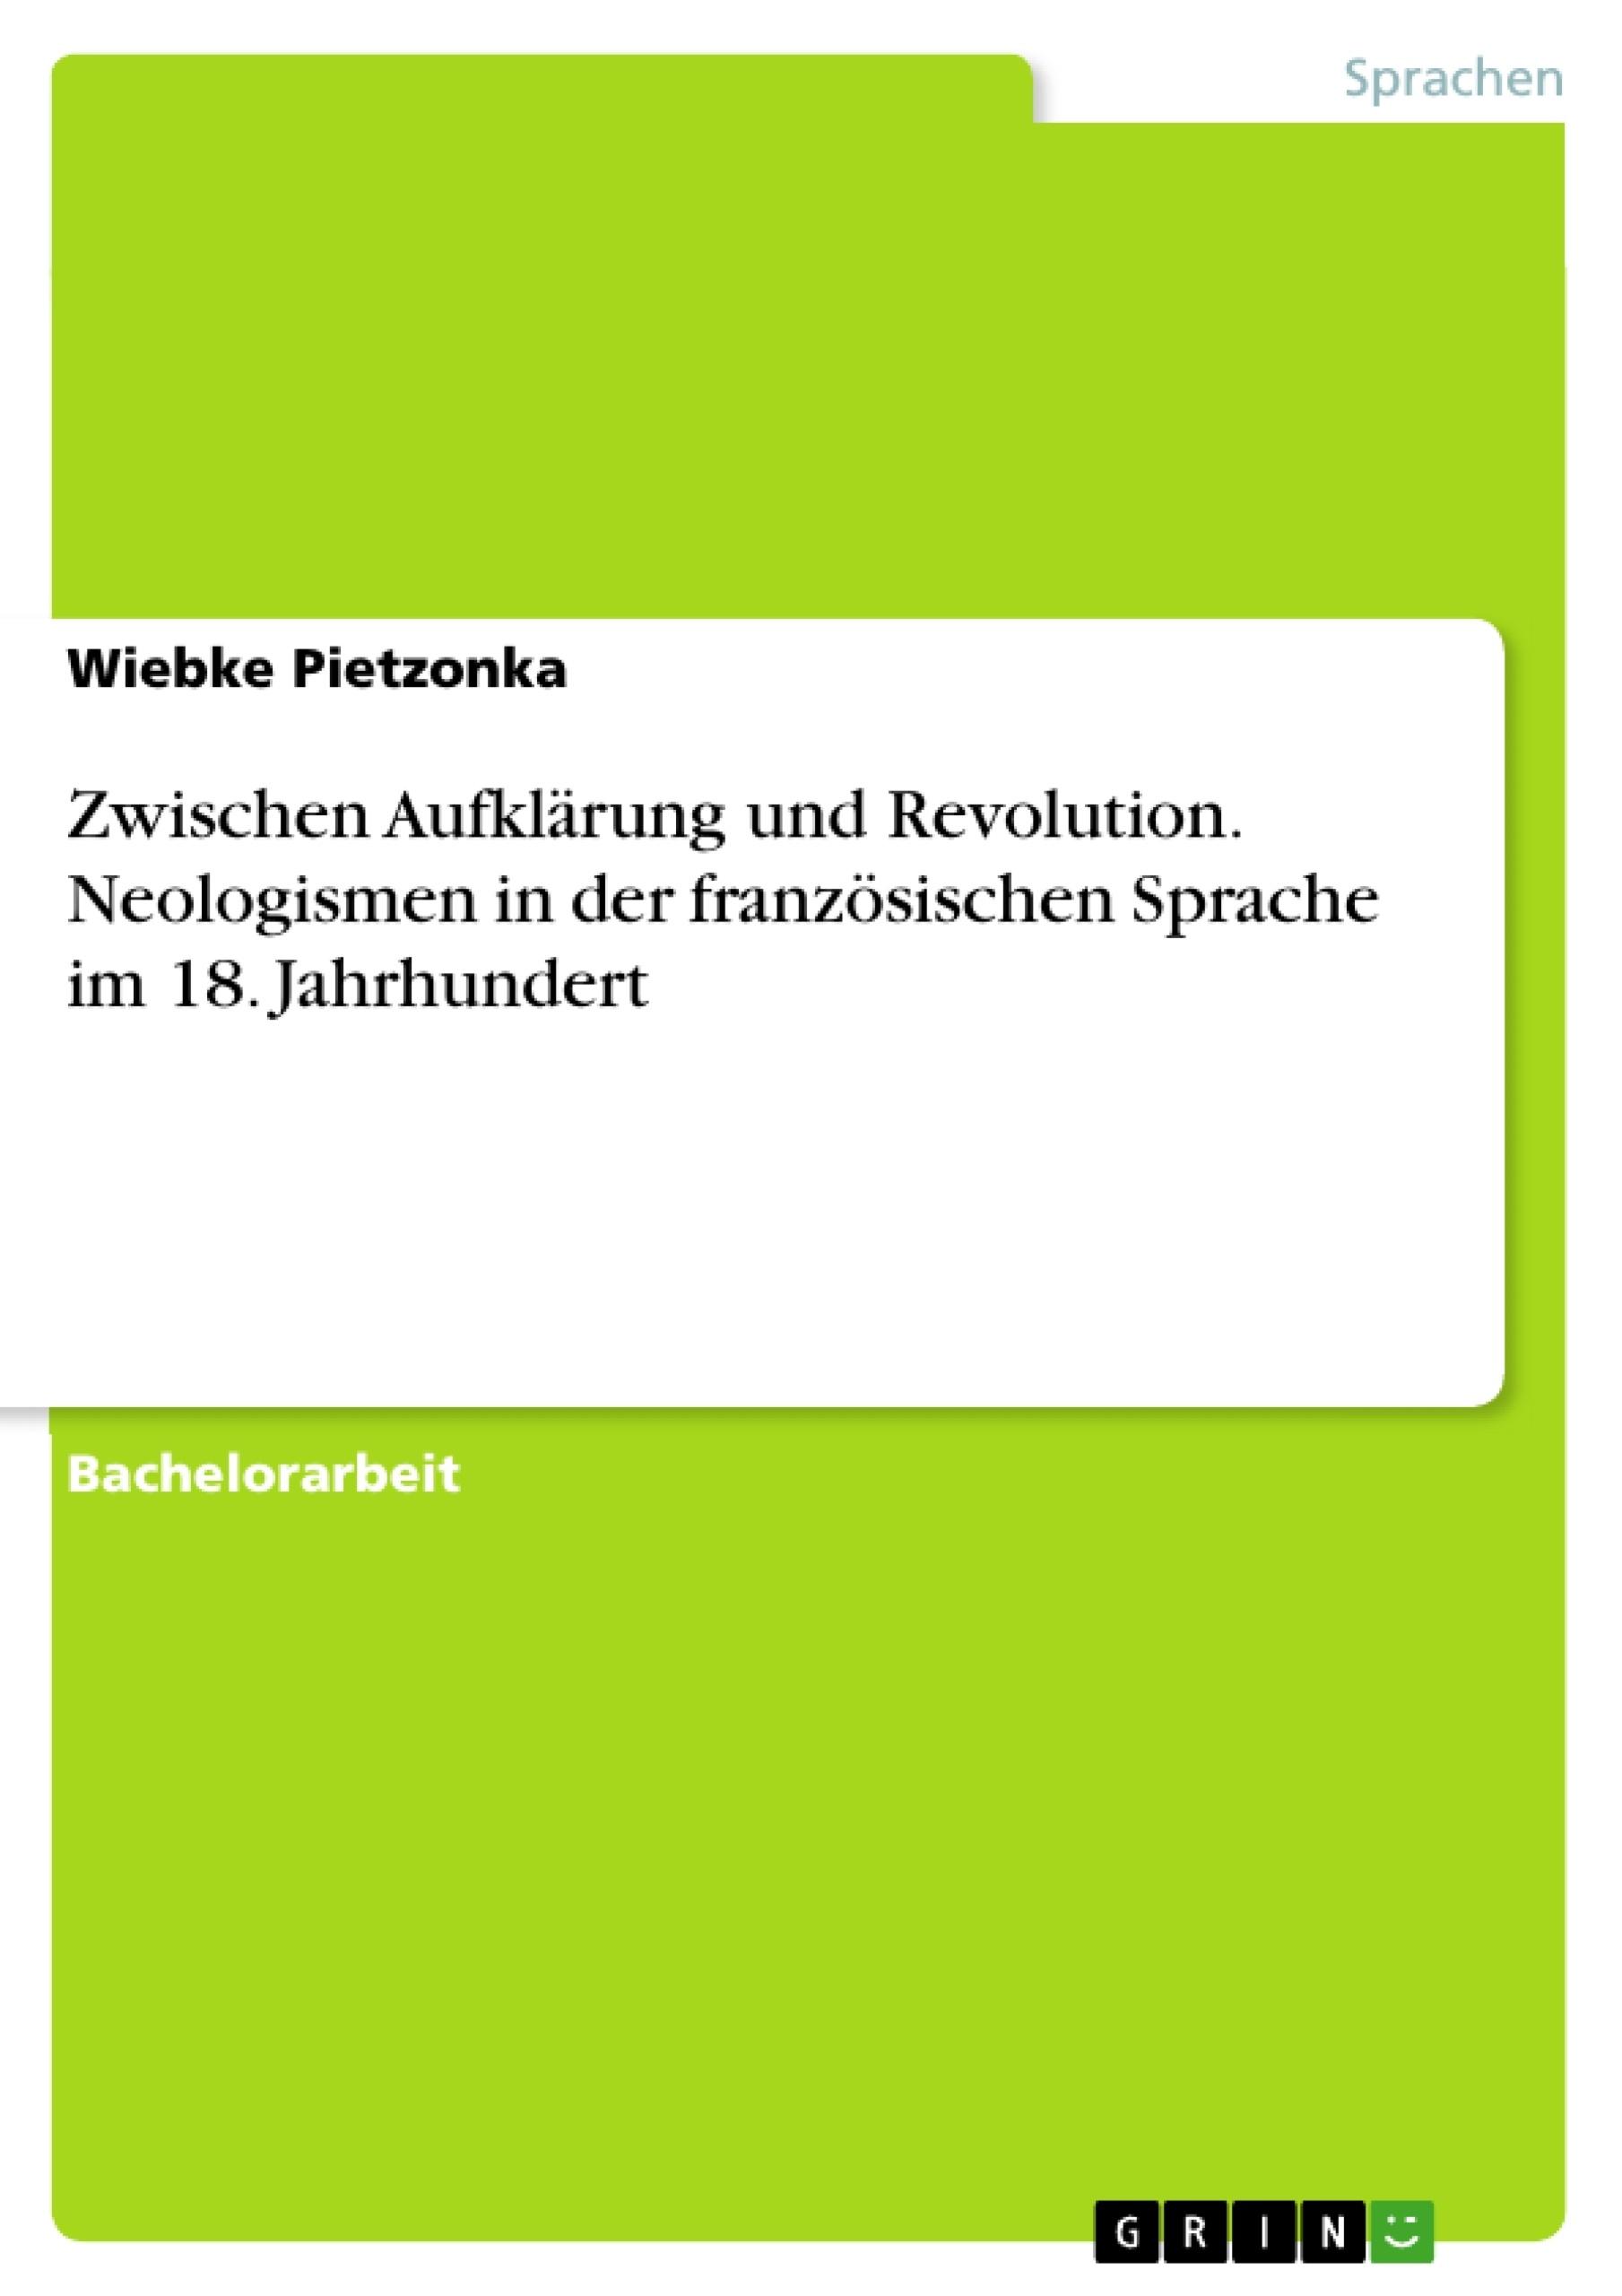 Titel: Zwischen Aufklärung und Revolution. Neologismen in der französischen Sprache im 18. Jahrhundert